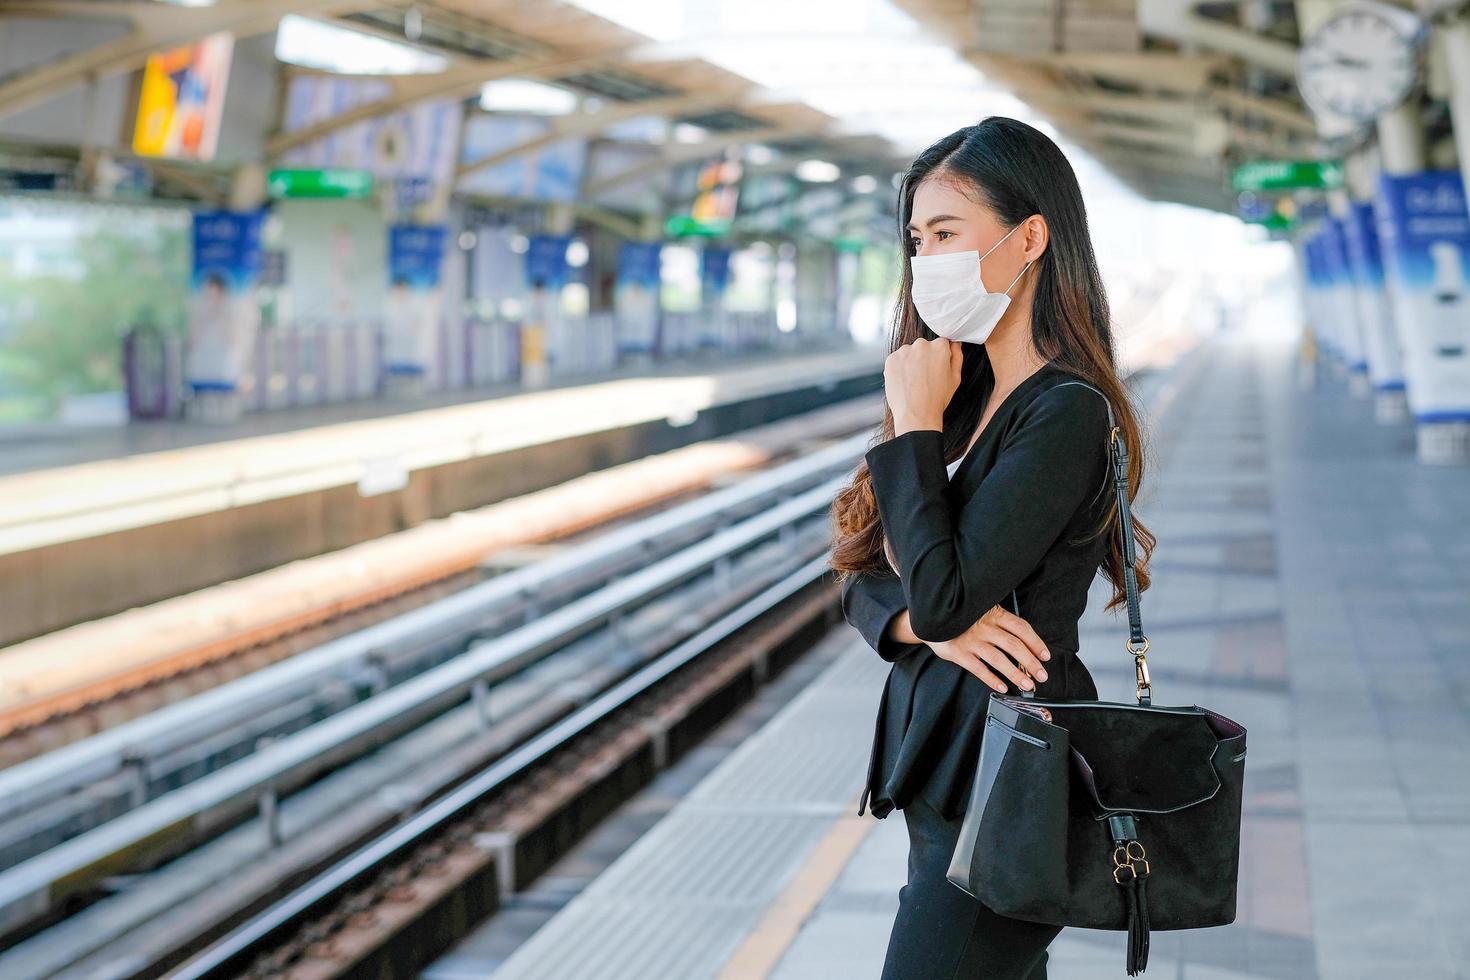 ung kvinna väntar på tåg foto